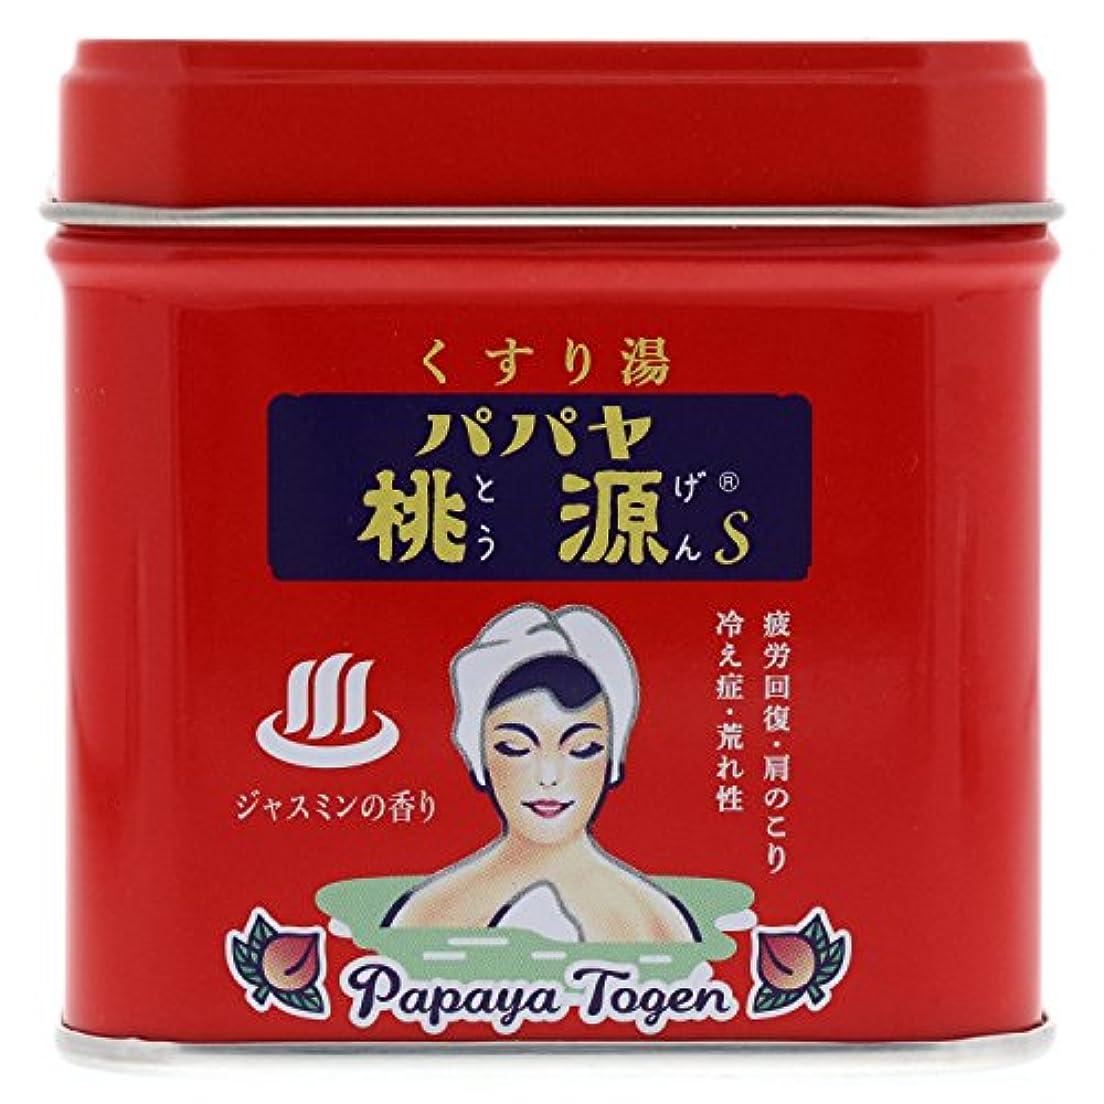 太鼓腹切断する男らしさパパヤ桃源S70g缶 ジャスミンの香り [医薬部外品]